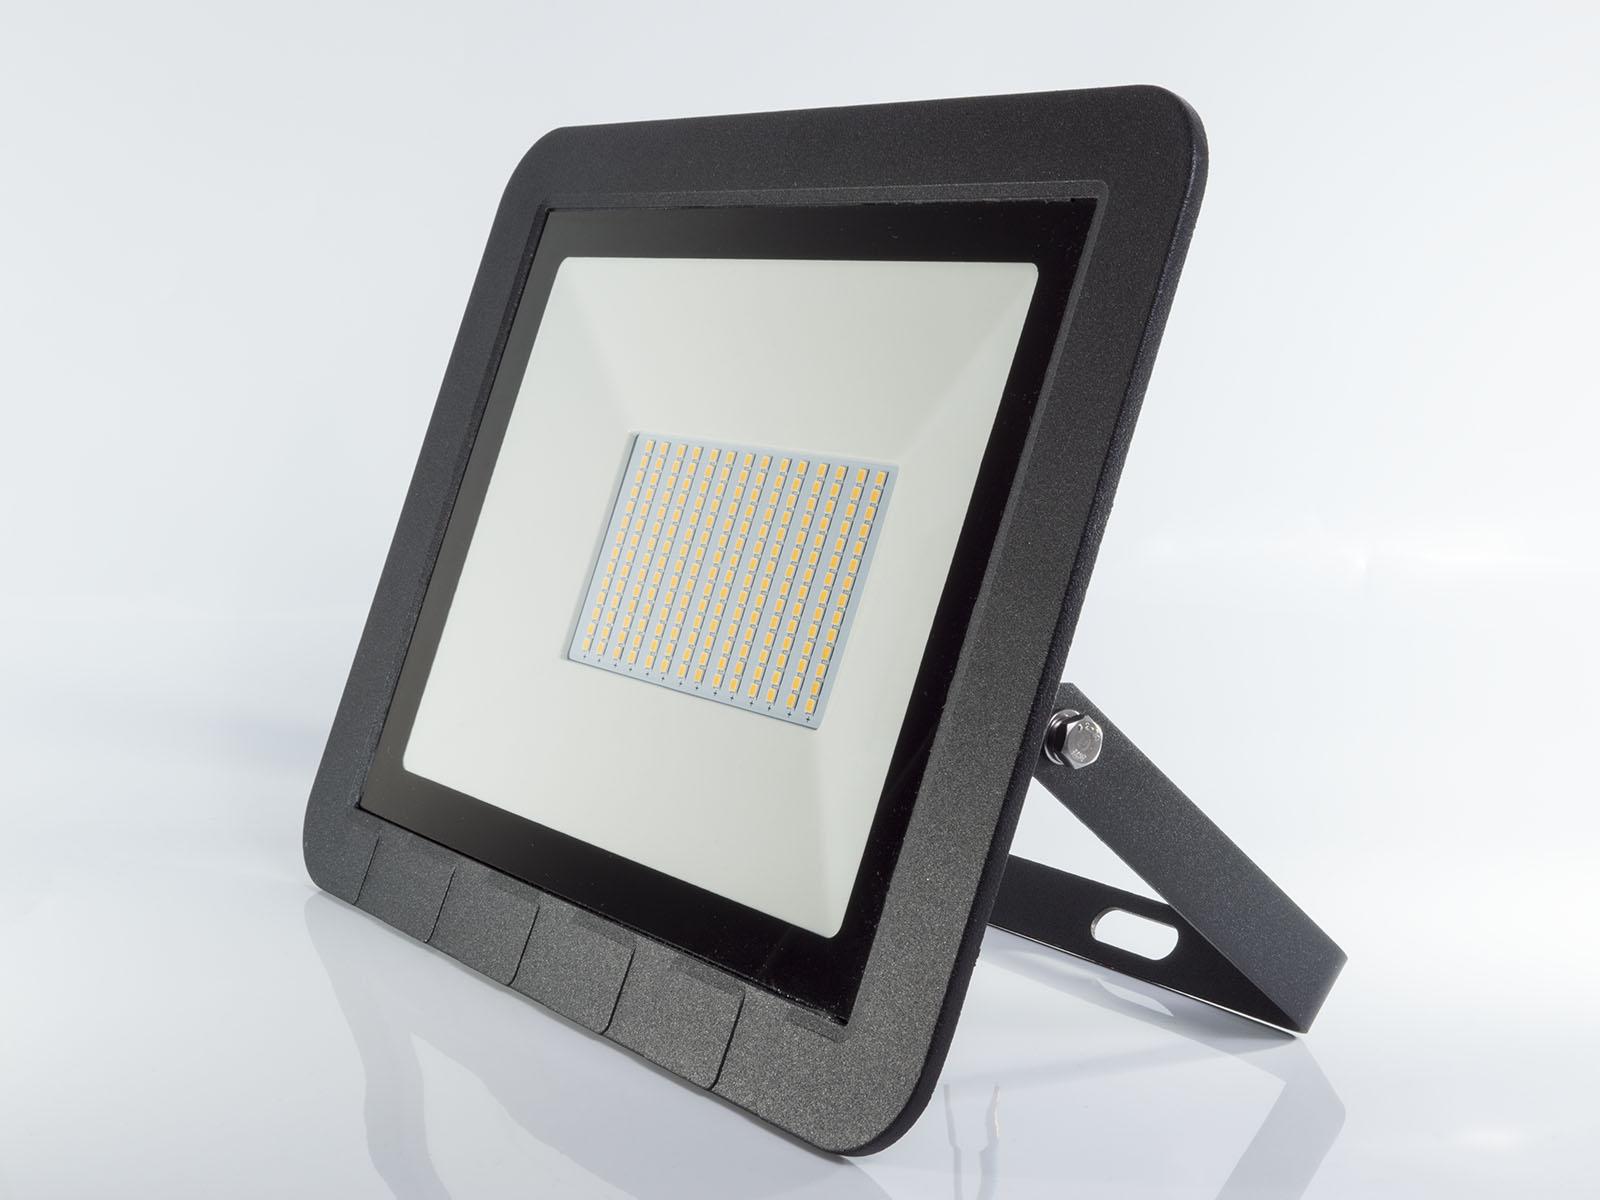 100w LED reflektor ANRO webshop